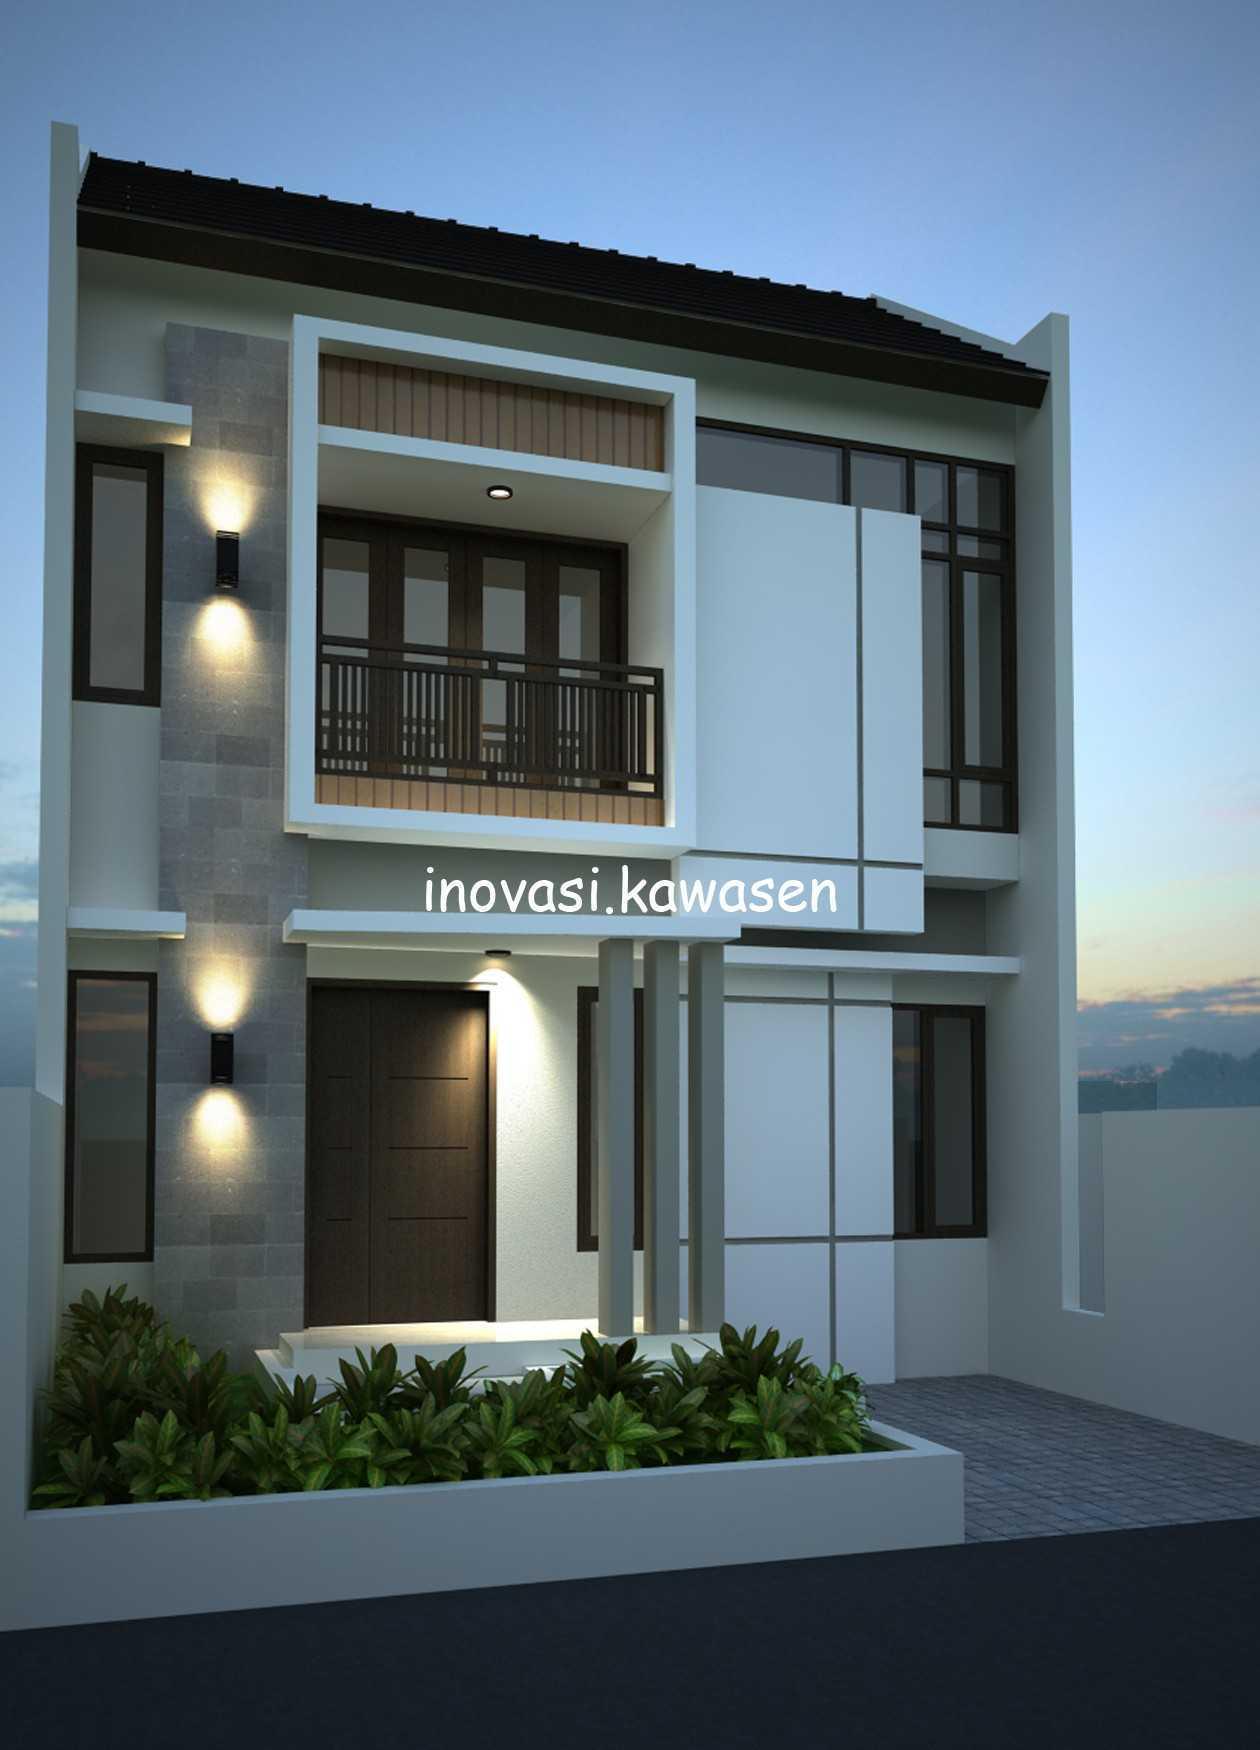 Inovasi Kawasen Renovasi Rumah Type 45 ( Desain ) Kota Depok, Jawa Barat, Indonesia Kota Depok, Jawa Barat, Indonesia Inovasi-Kawasen-Renovasi-Rumah-Type-45-Desain-   89830